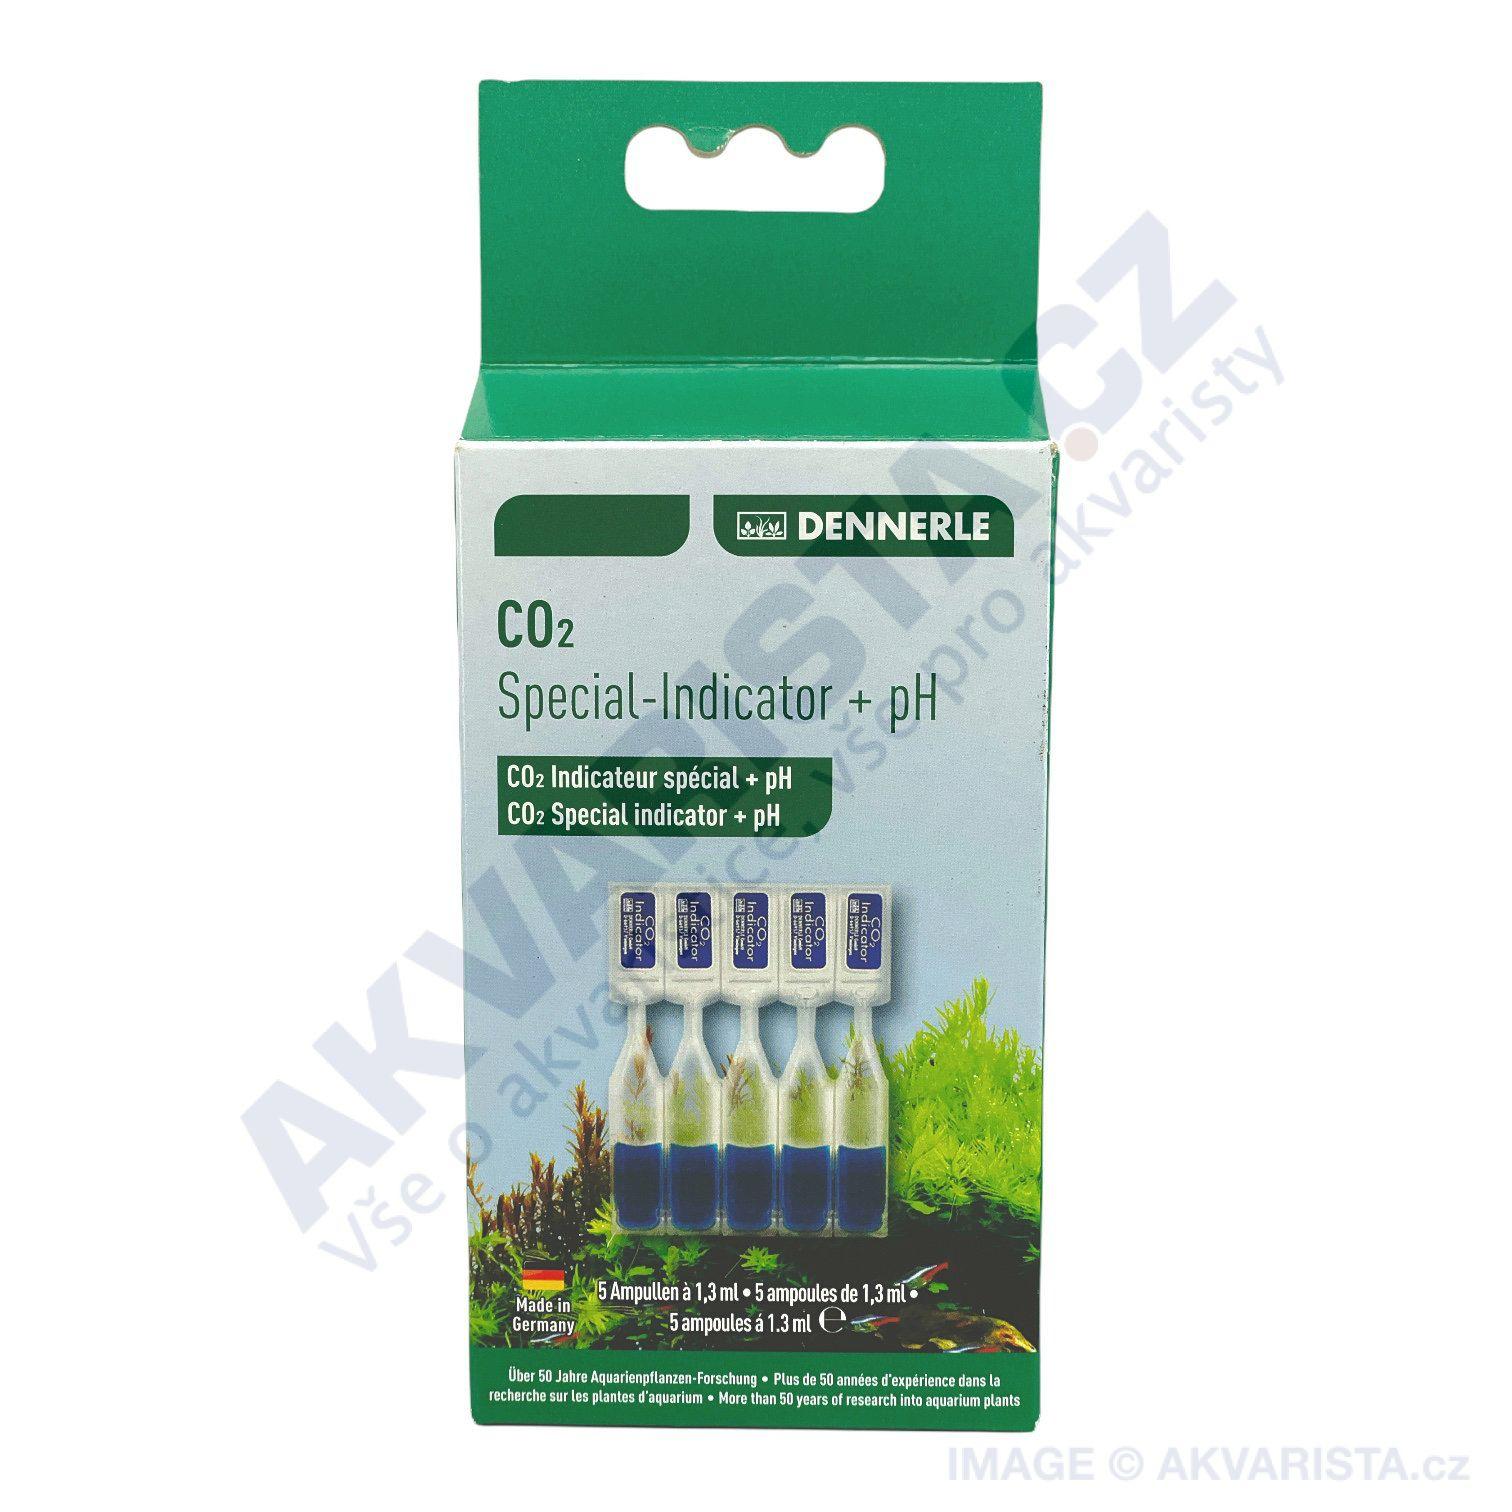 Dennerle PROFI-LINE CO2 Special-indikator (náhradní náplň)